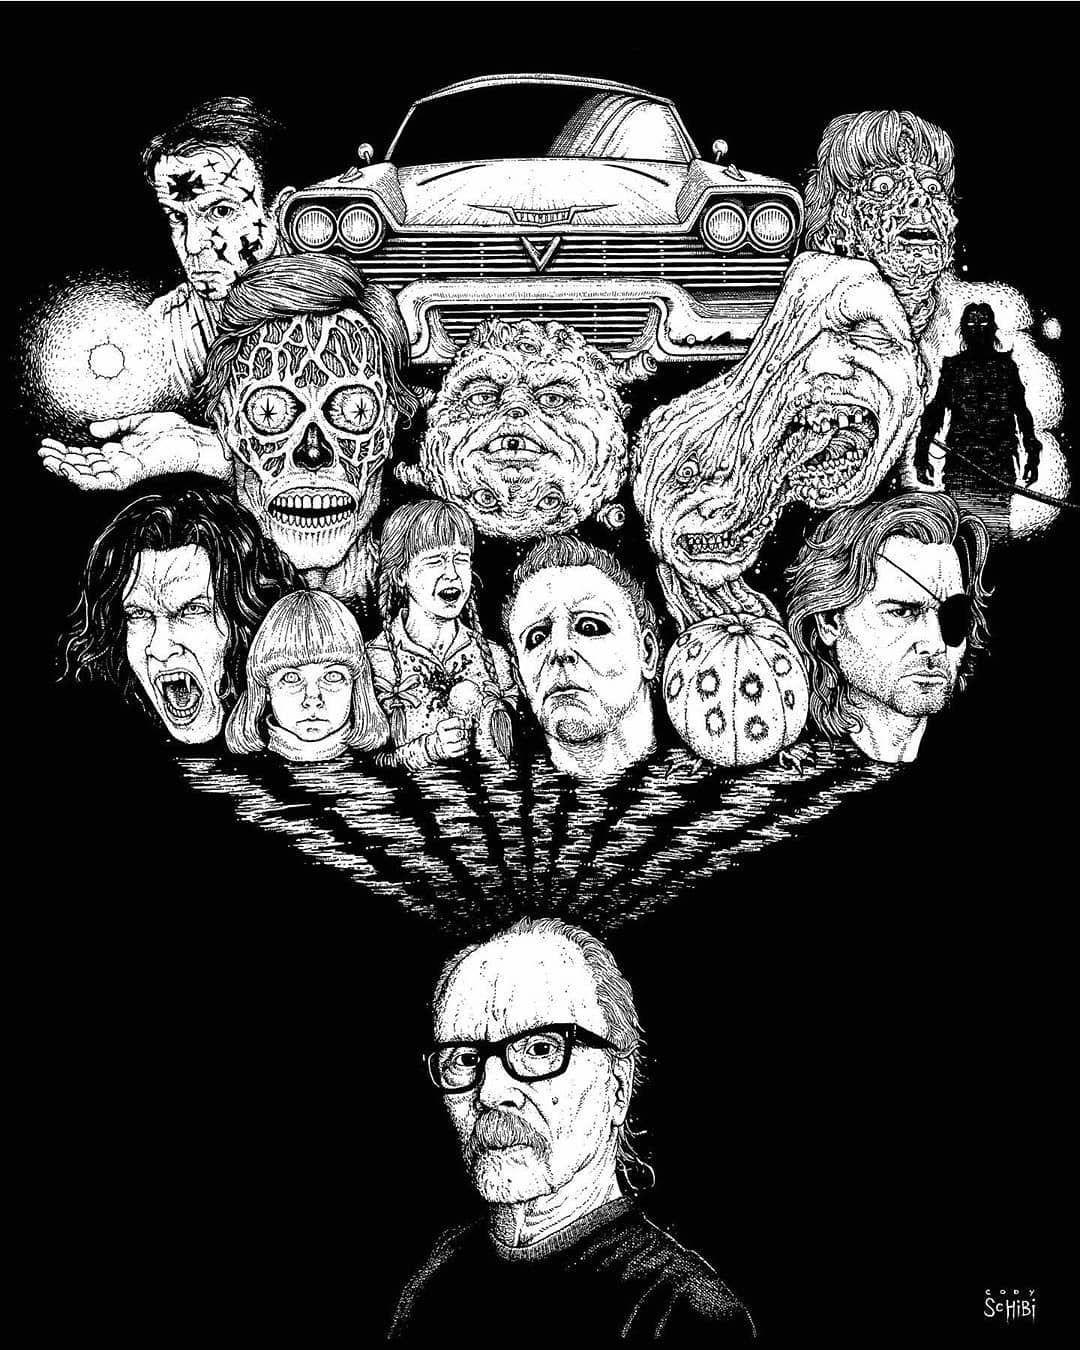 Cody Schibi in 2020 Movie art, Halloween film, Horror art